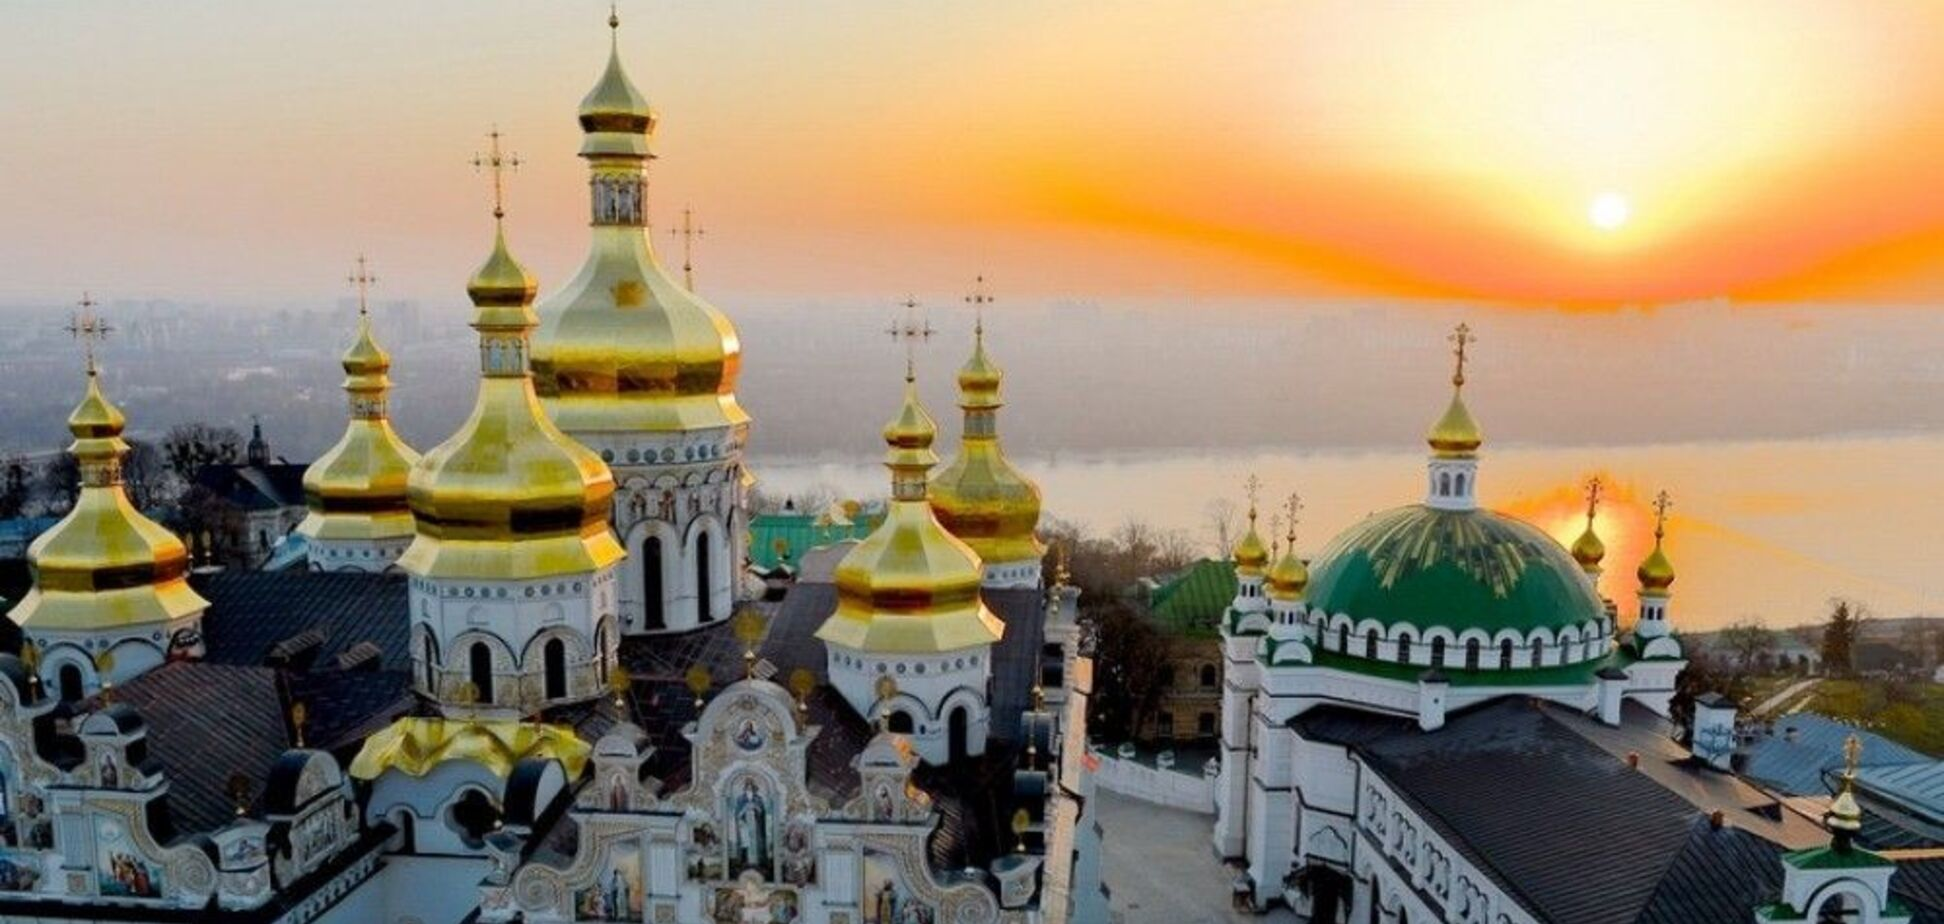 Гімн України в Печерській лаврі: знайшлося пояснення раптового патріотизму МП